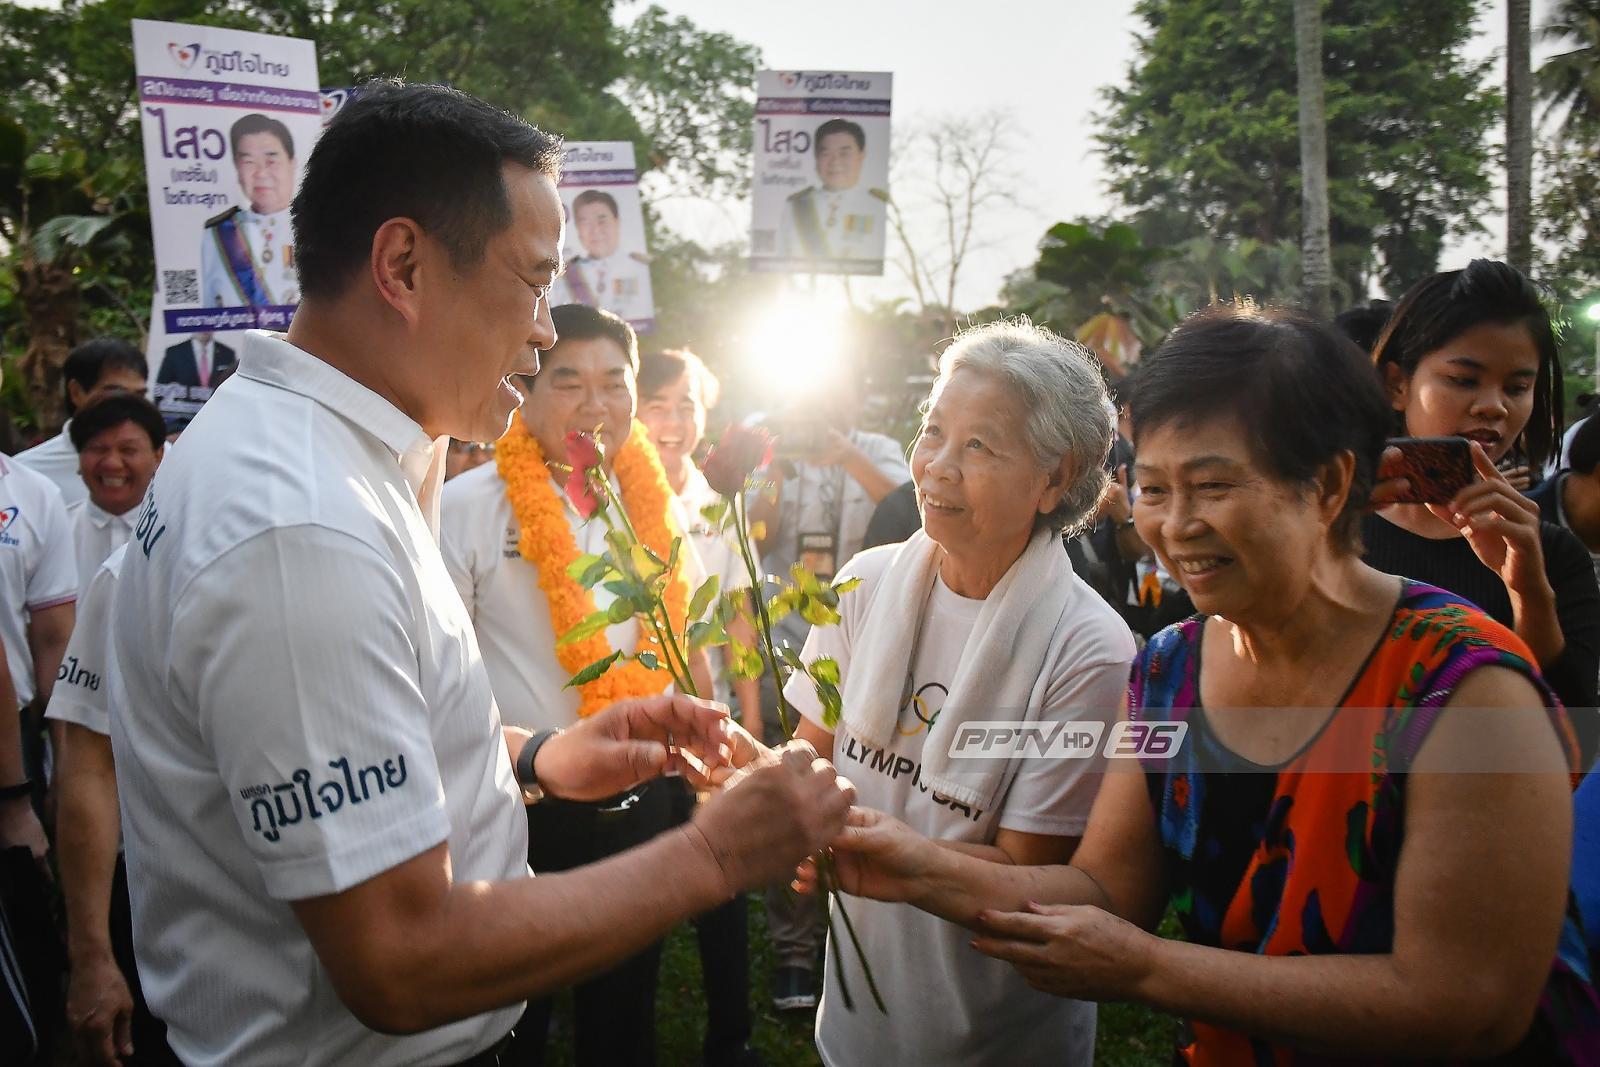 """""""ภูมิใจไทย""""ชูนโยบายเอาใจคนกรุง ลดเวลาทำงานในสำนักงาน เหลือสัปดาห์ละ 4 วัน"""